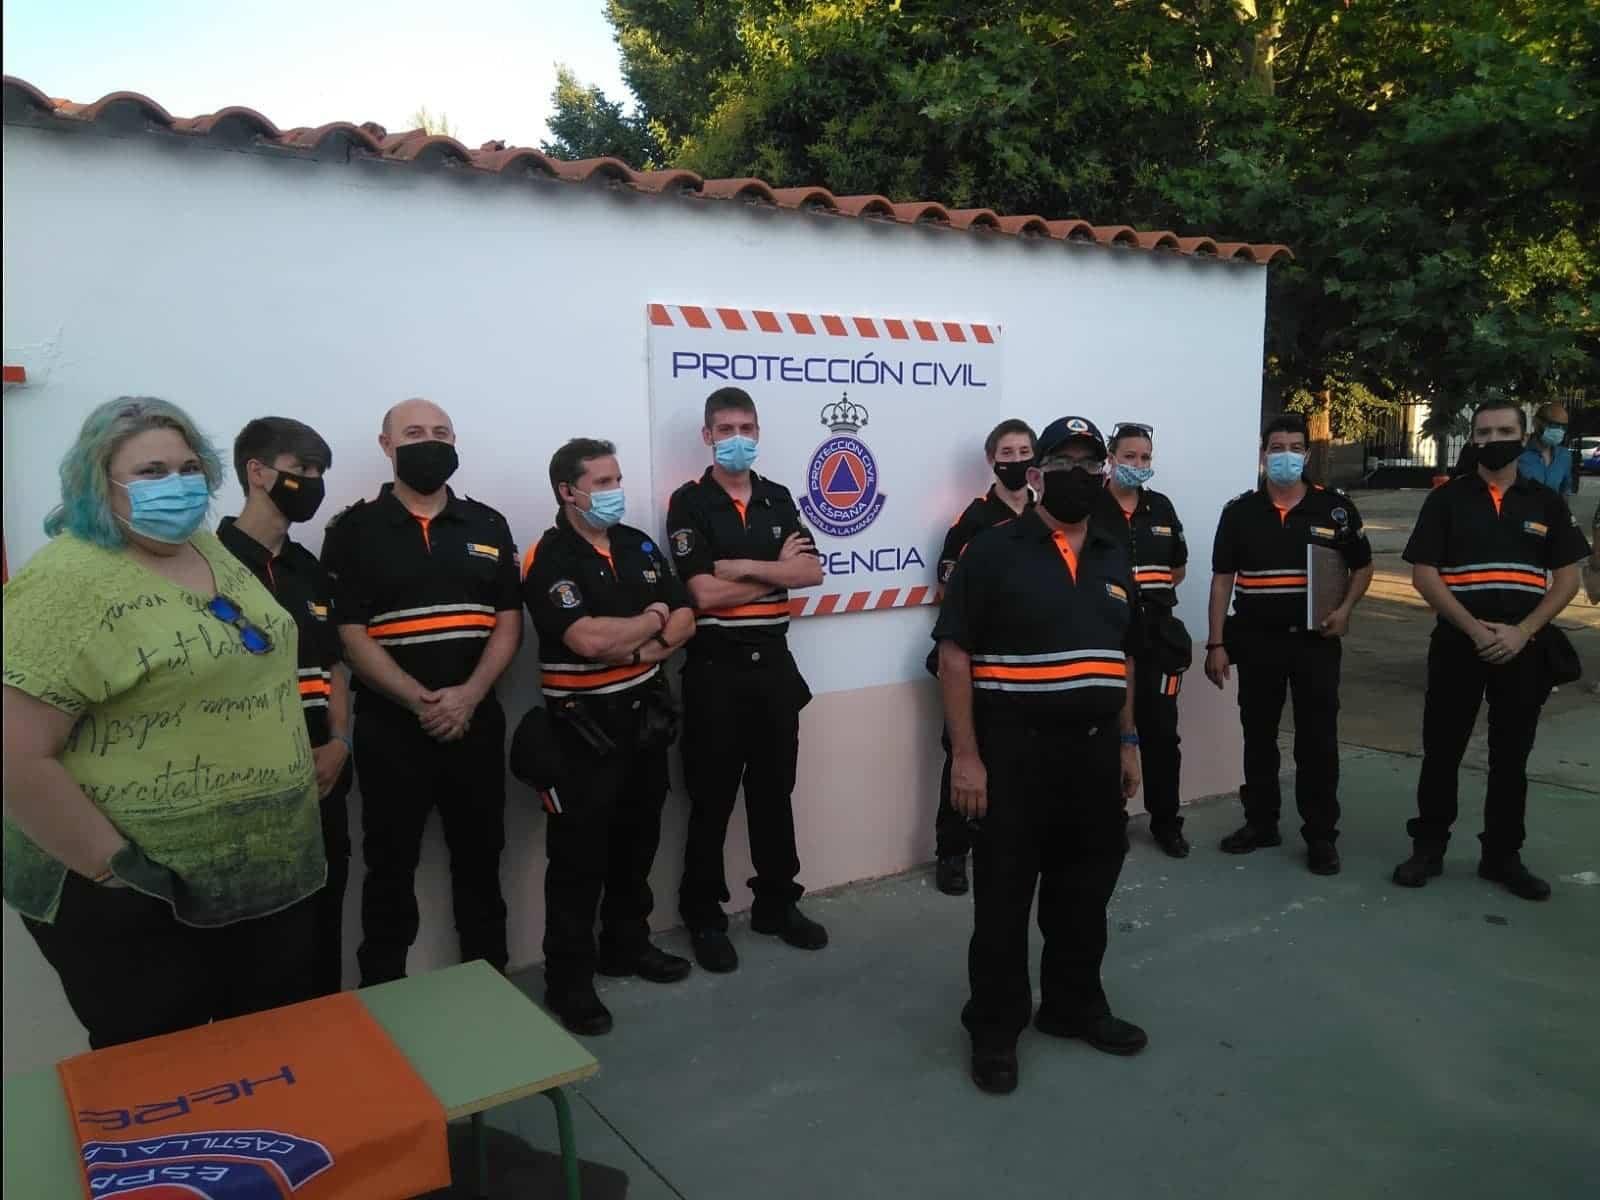 La Agrupación de Voluntarios de Protección Civil inauguró su nueva sede local 7